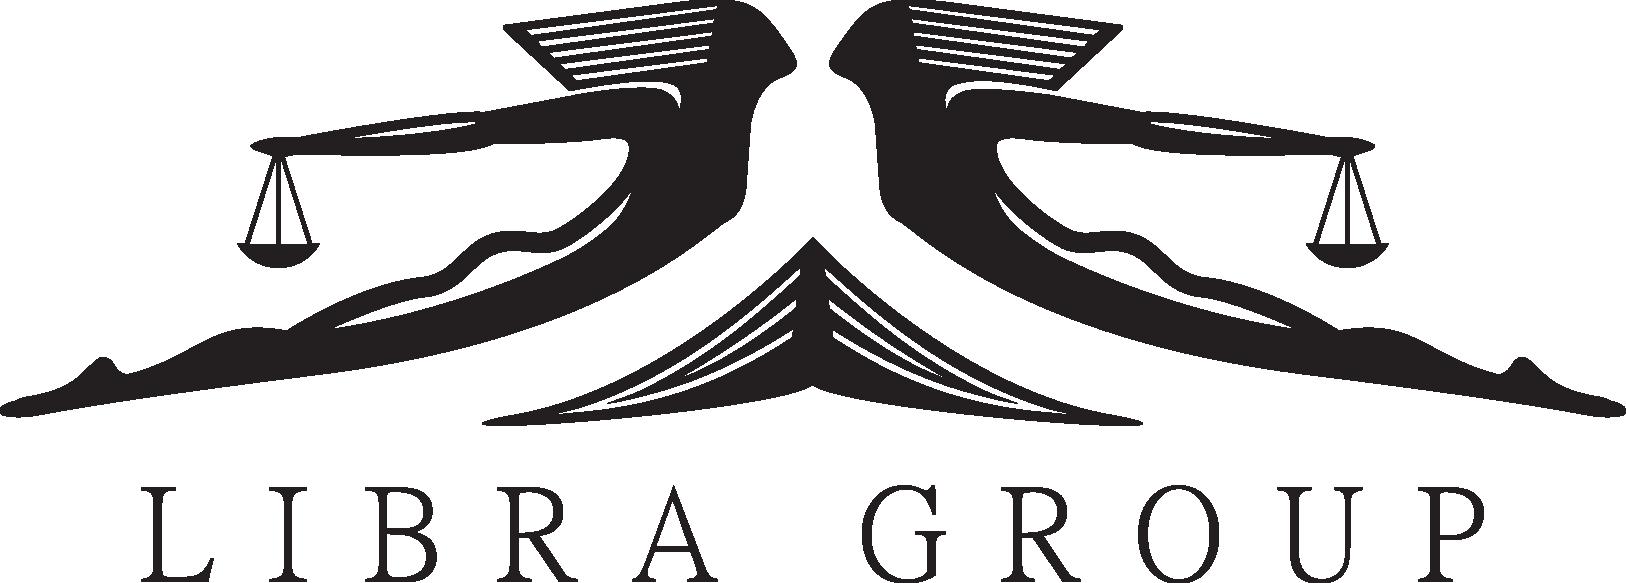 Libra Group Official Logo 2013 - Black